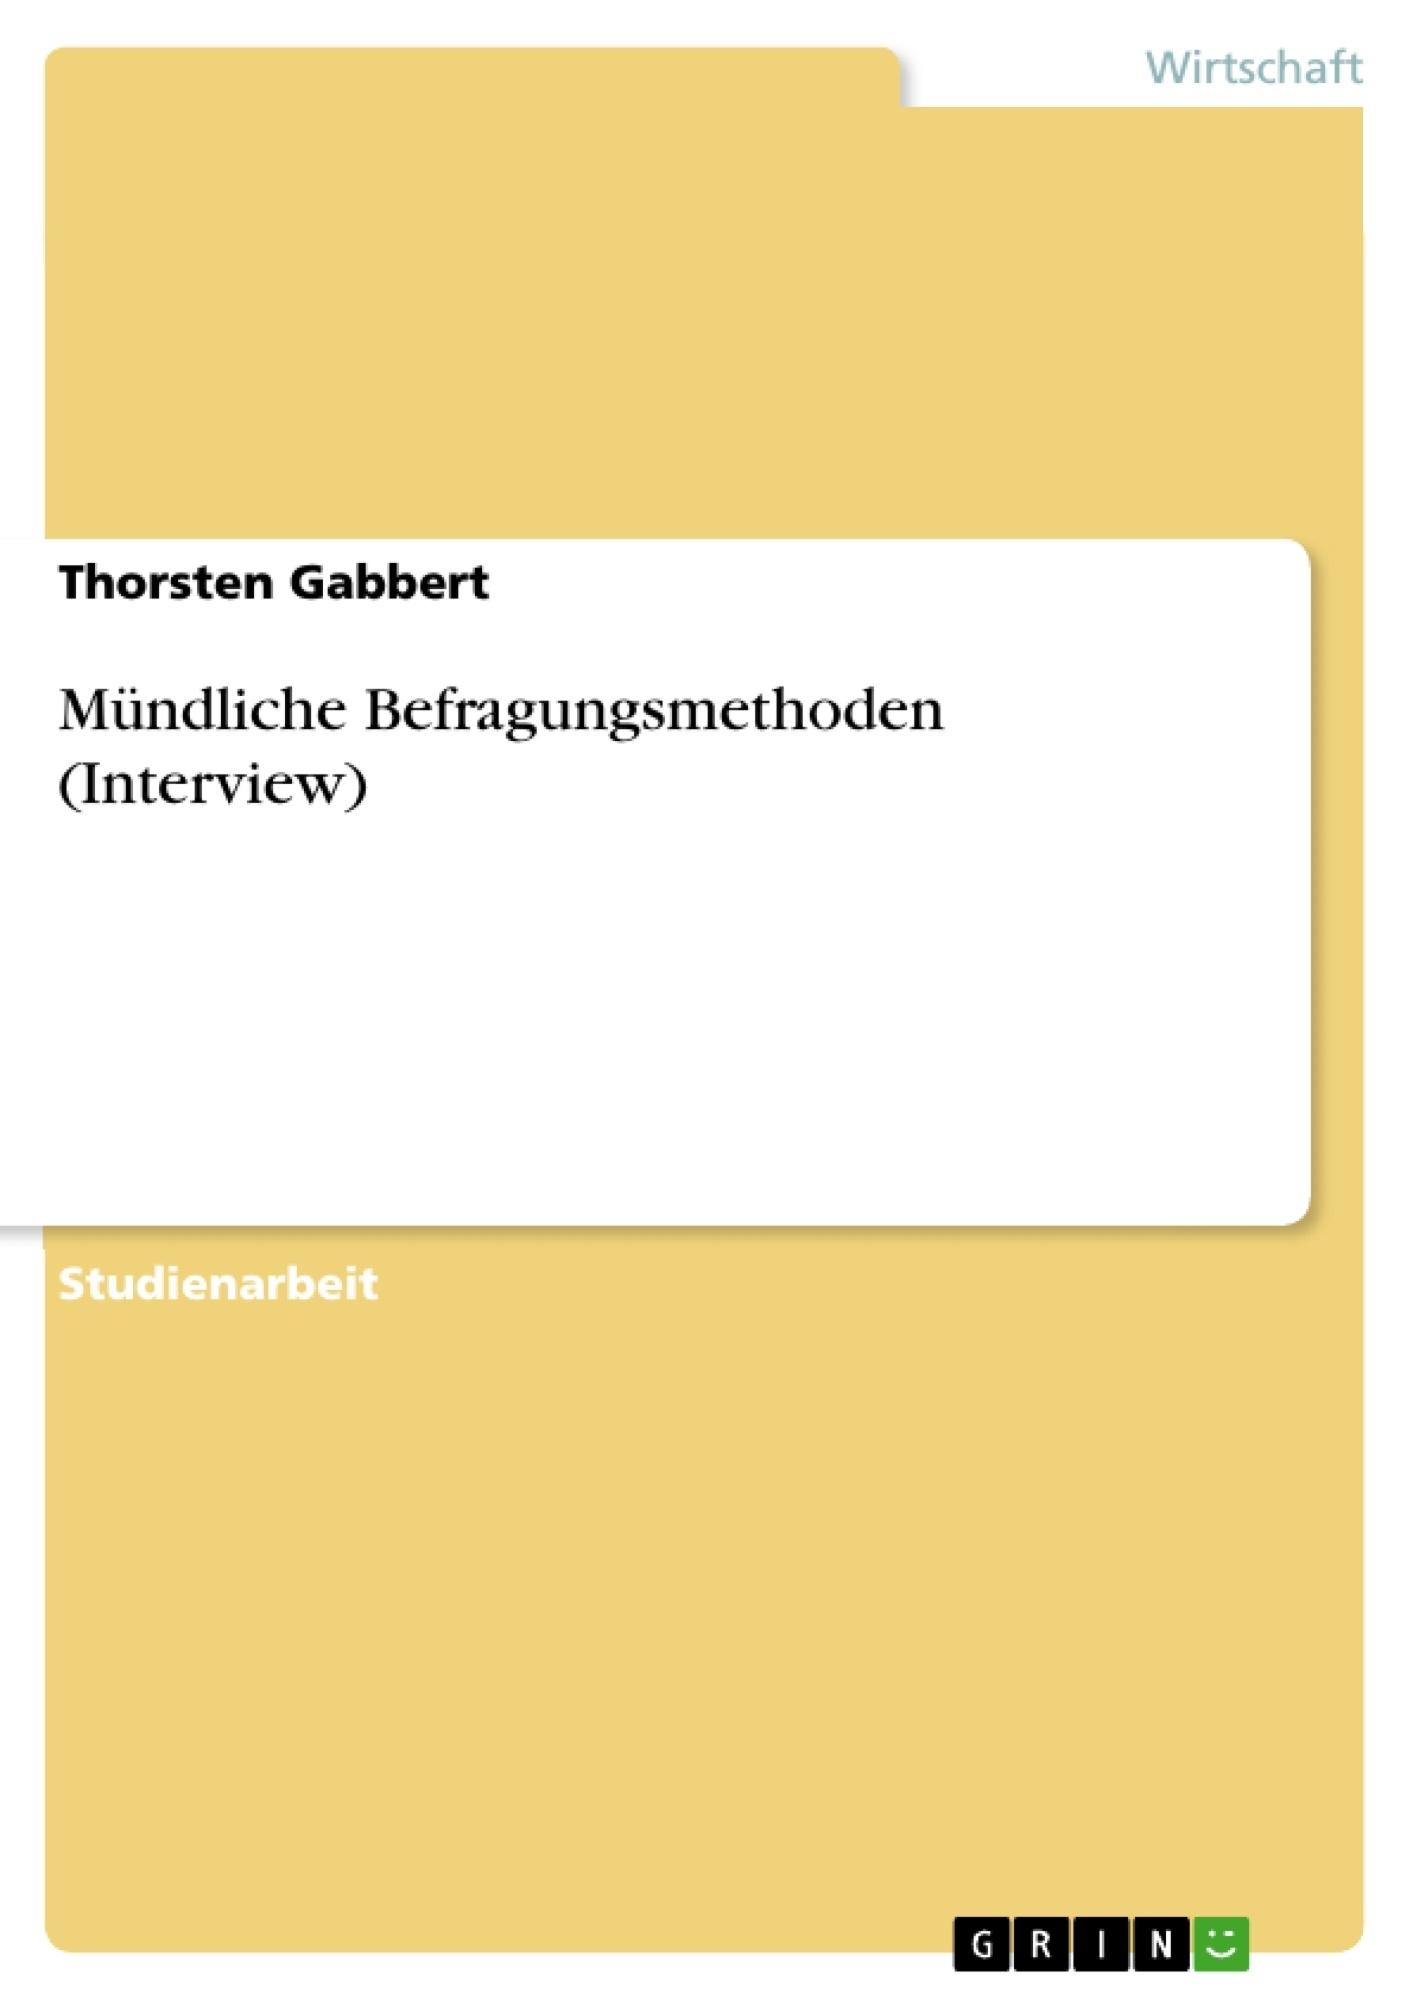 Titel: Mündliche Befragungsmethoden (Interview)